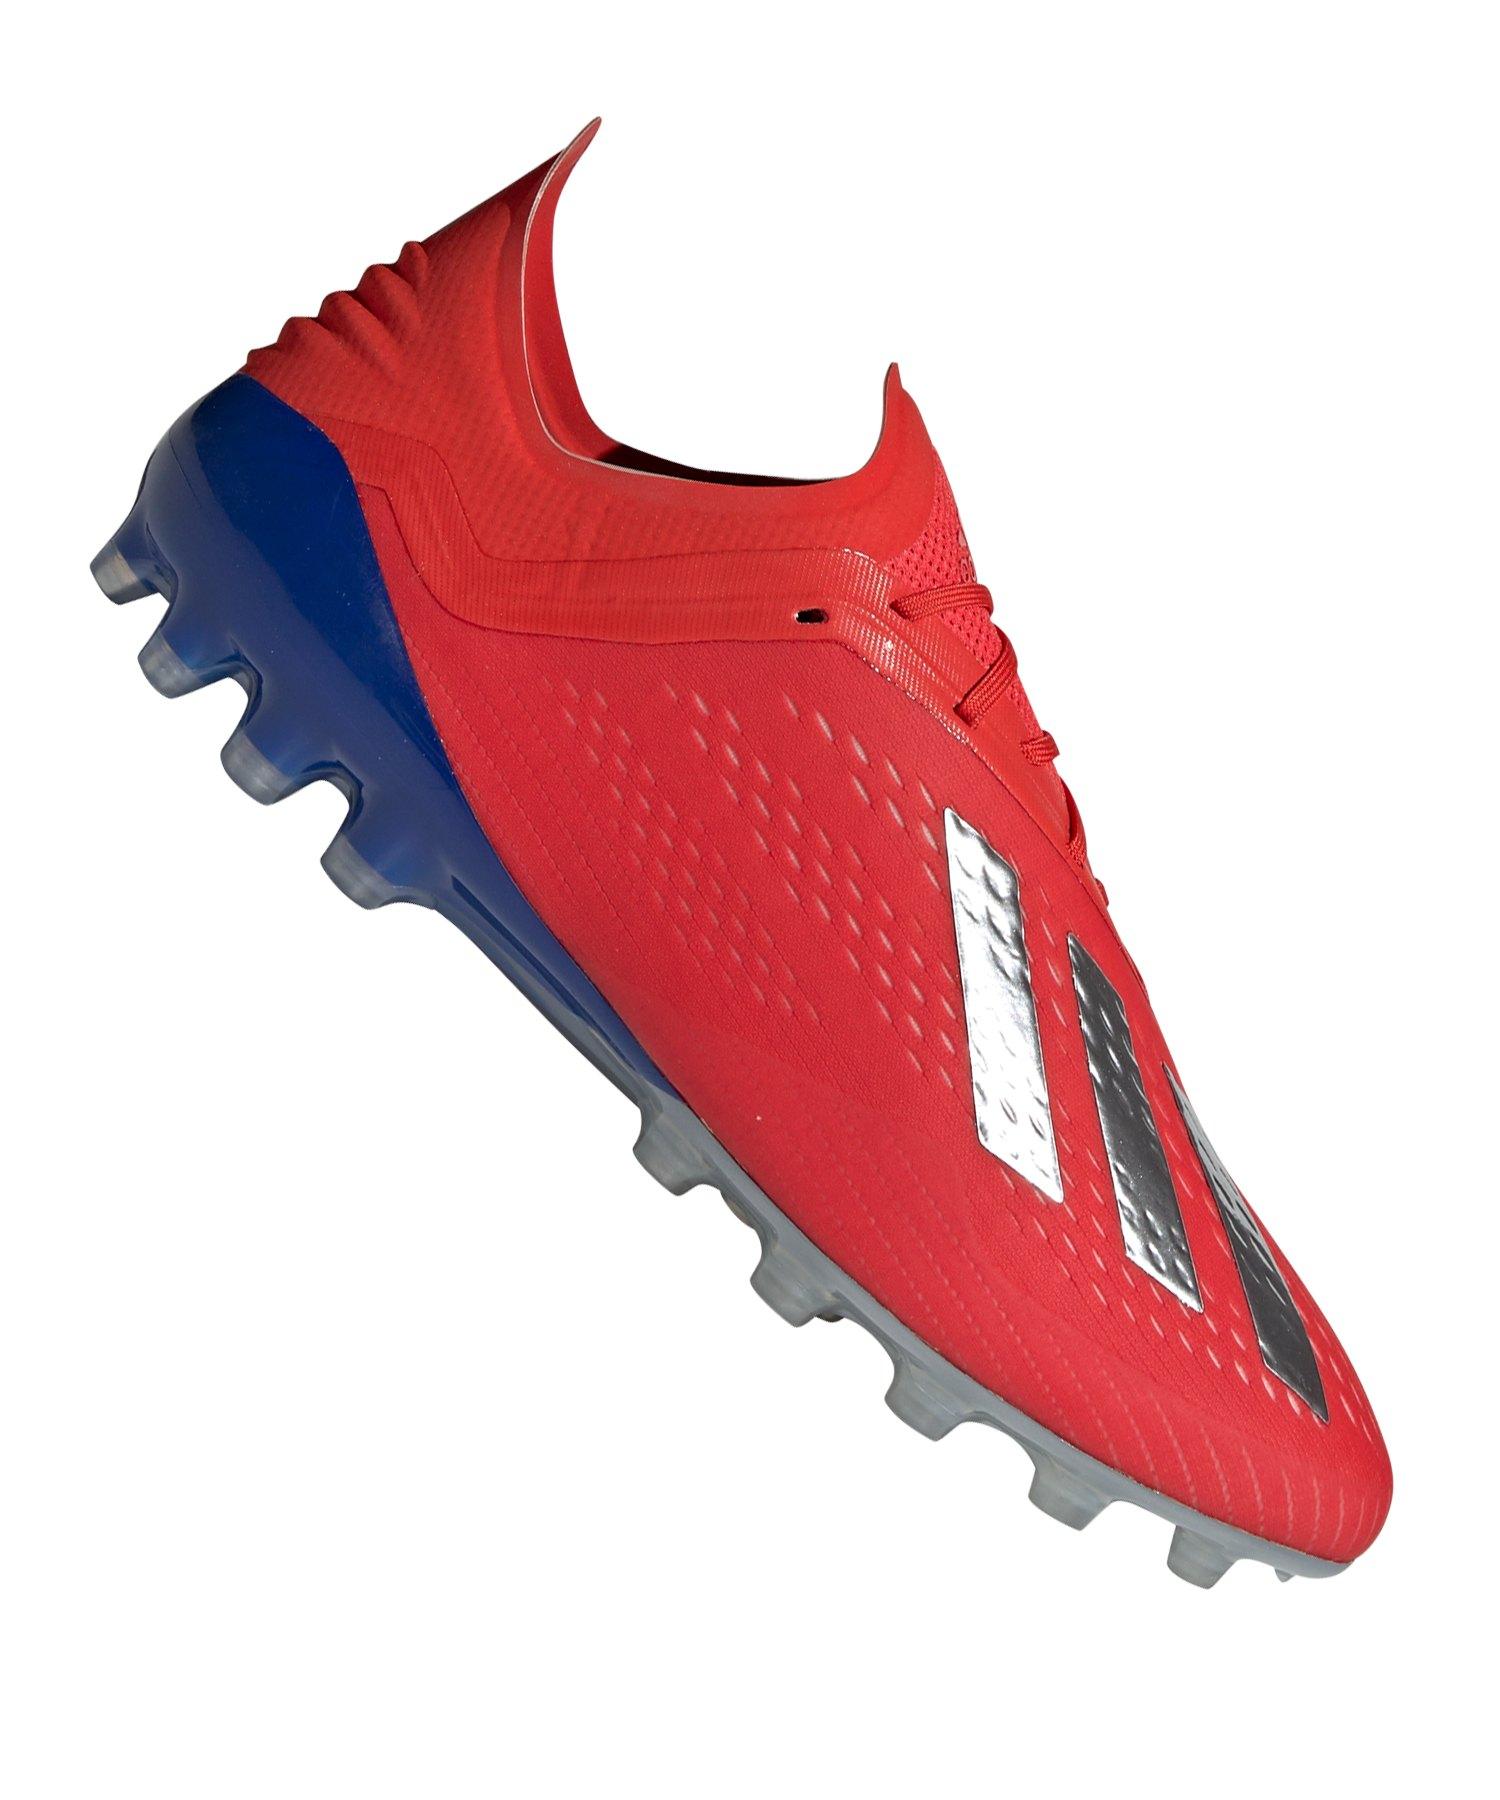 quality design b0b10 b2e32 adidas X 18.1 AG Rot Blau - rot